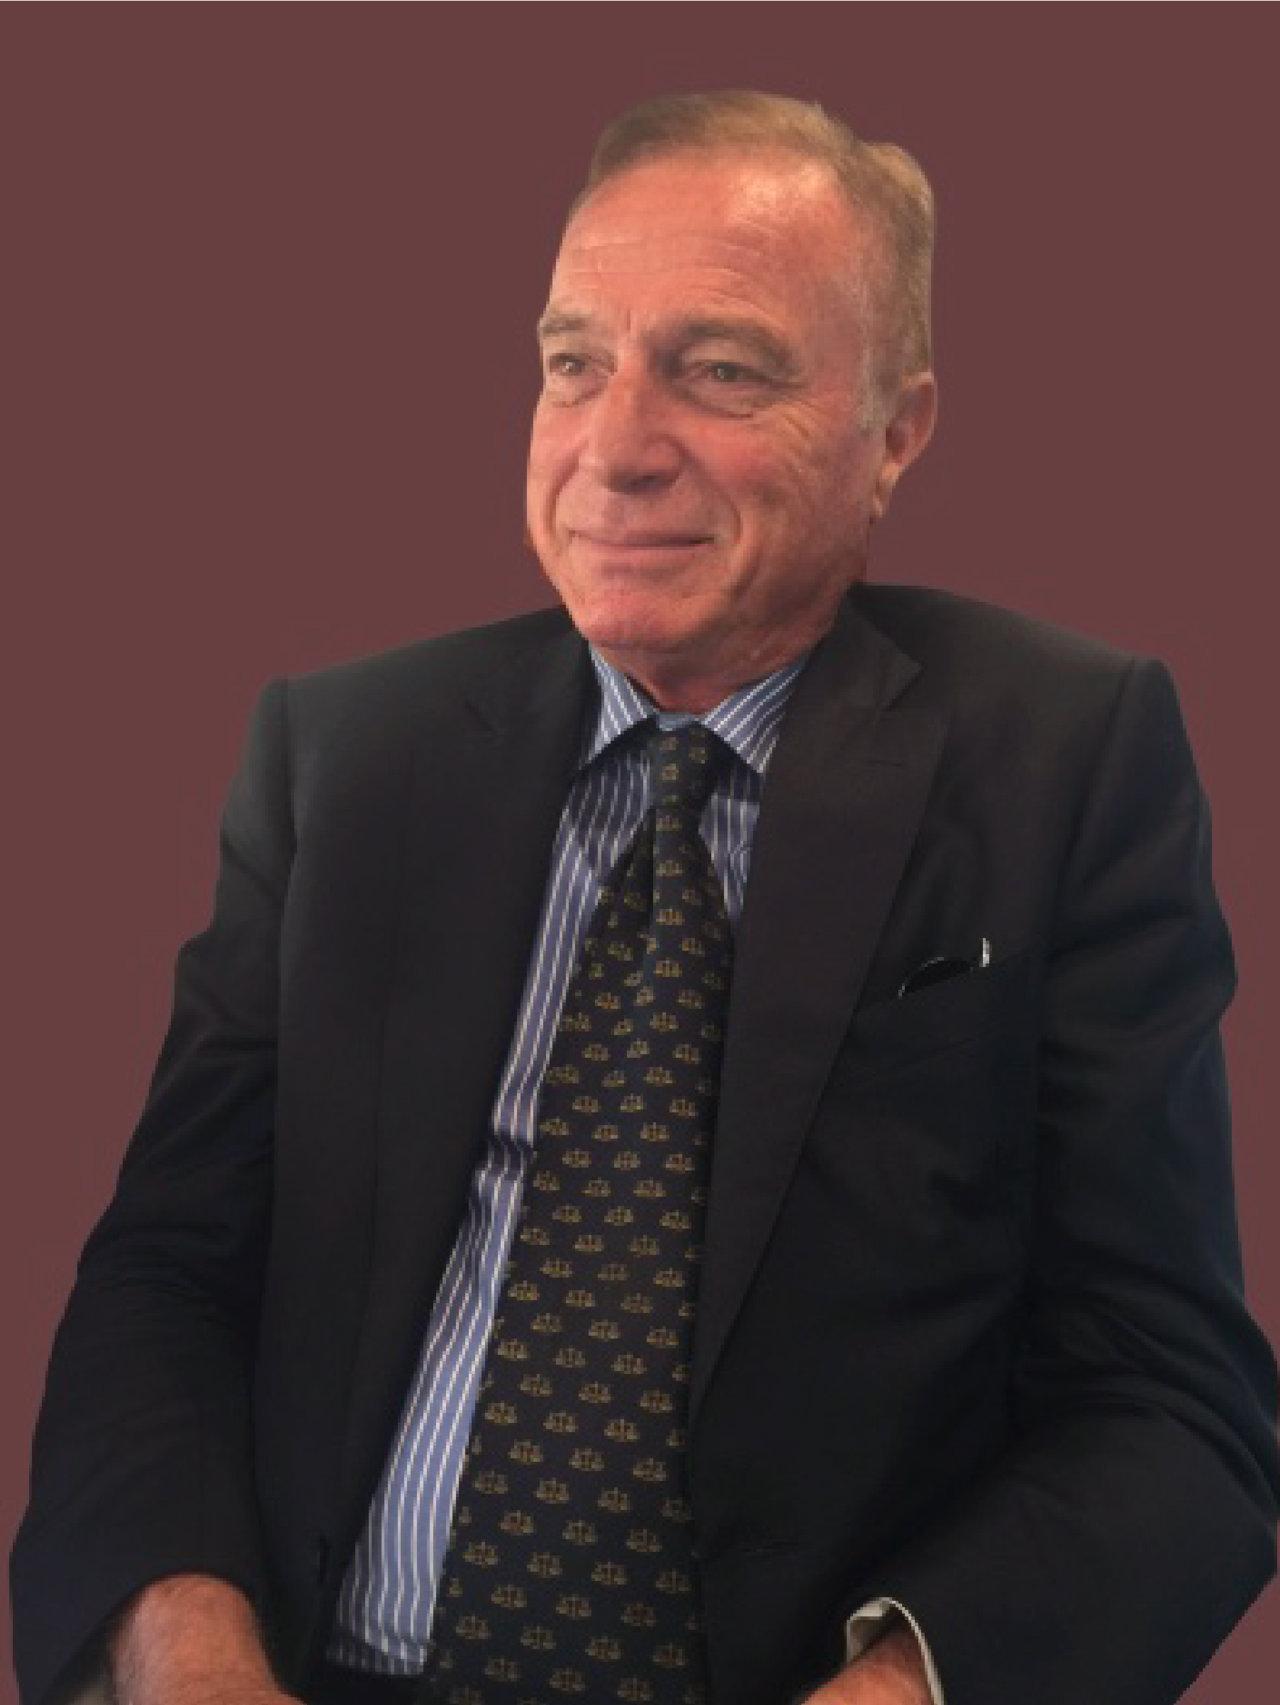 Stefano Cotroneo